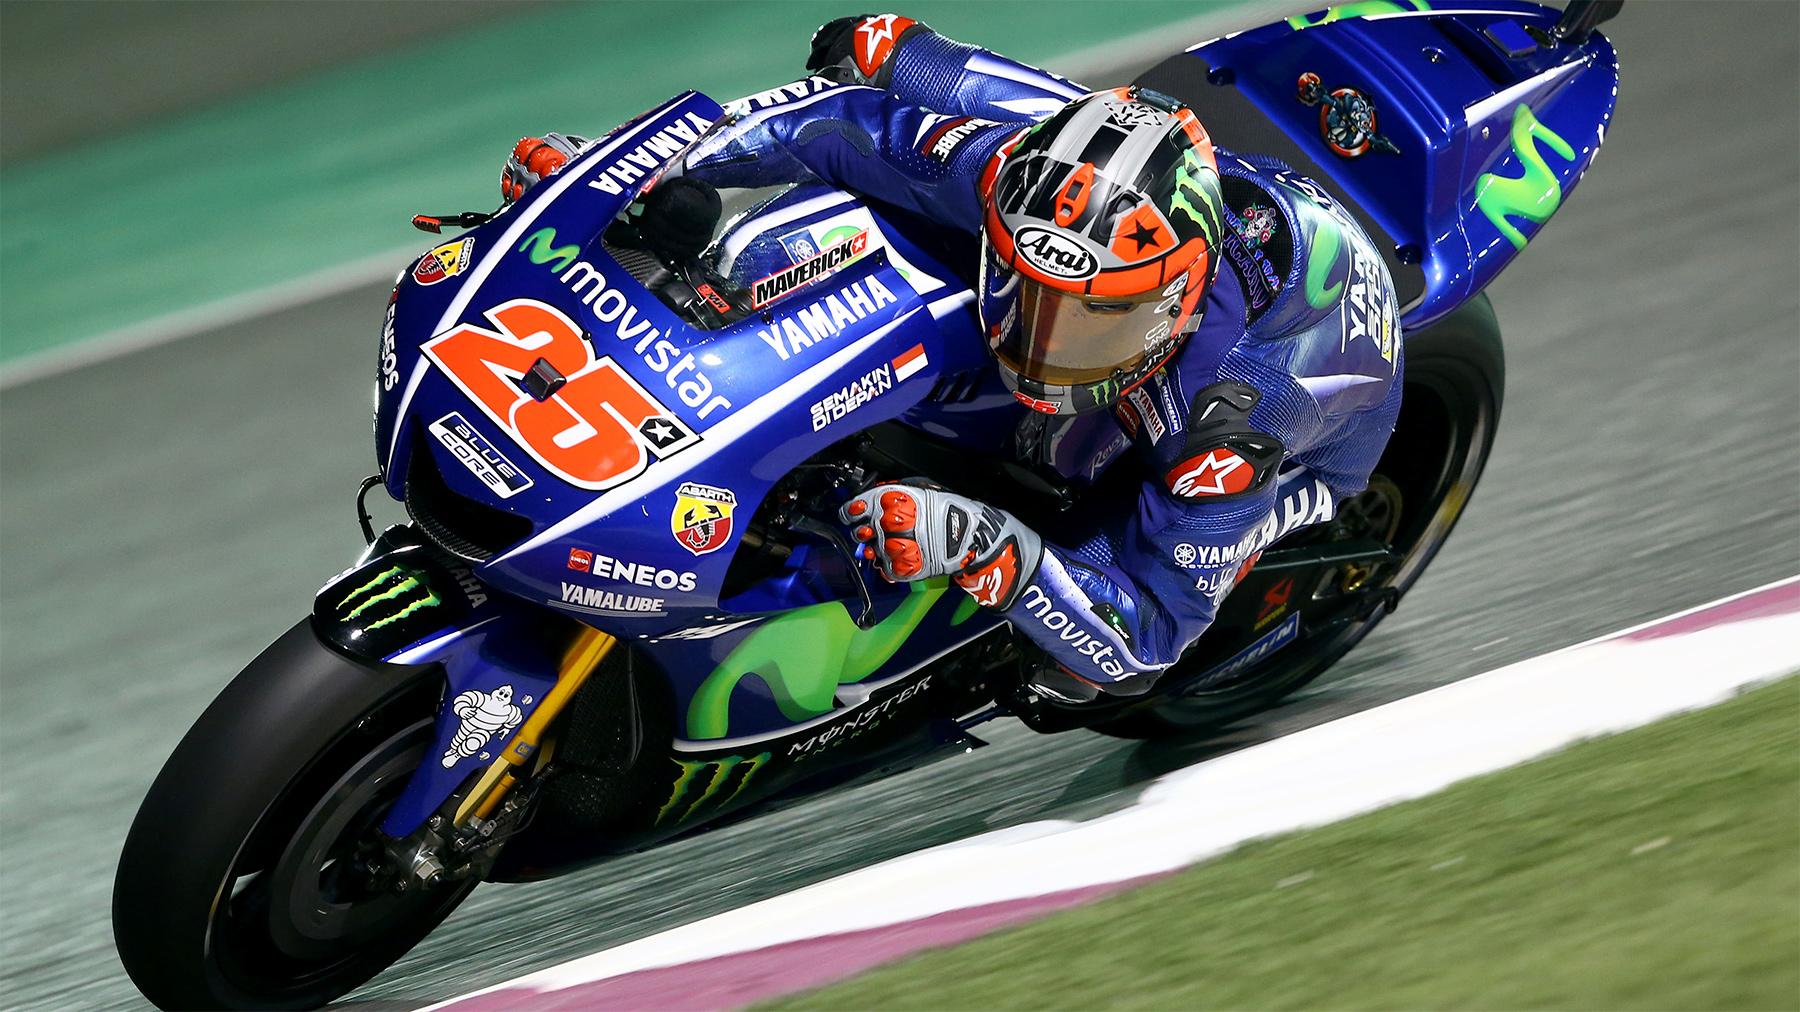 Maverick Viñales no da descanso, lidera los libres de MotoGP y Jorge Lorenzo pasará por Q1